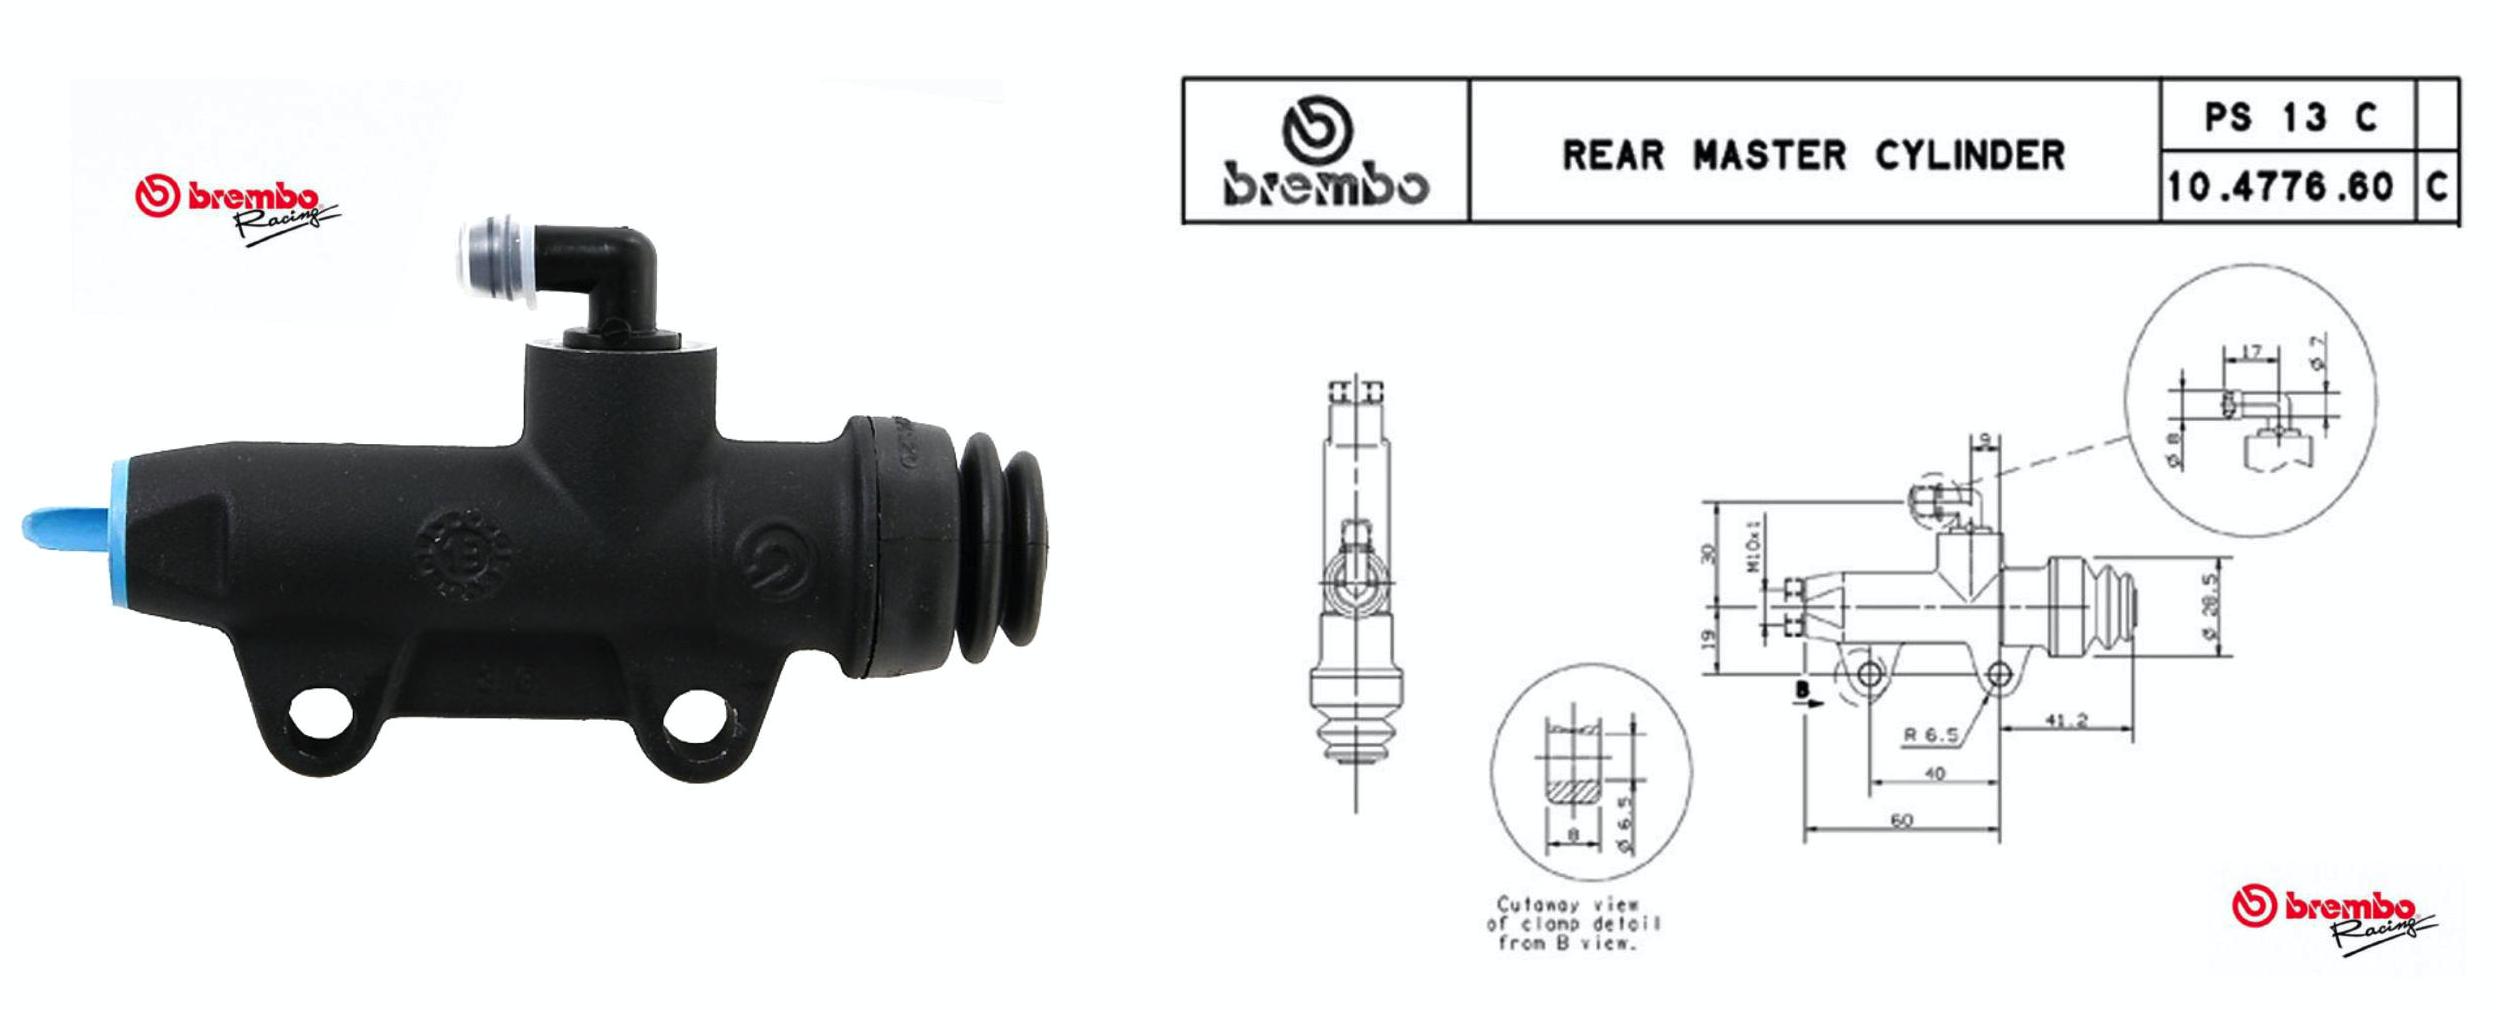 CNC Racing Index Finger Rear Brake Control Kit - Universal